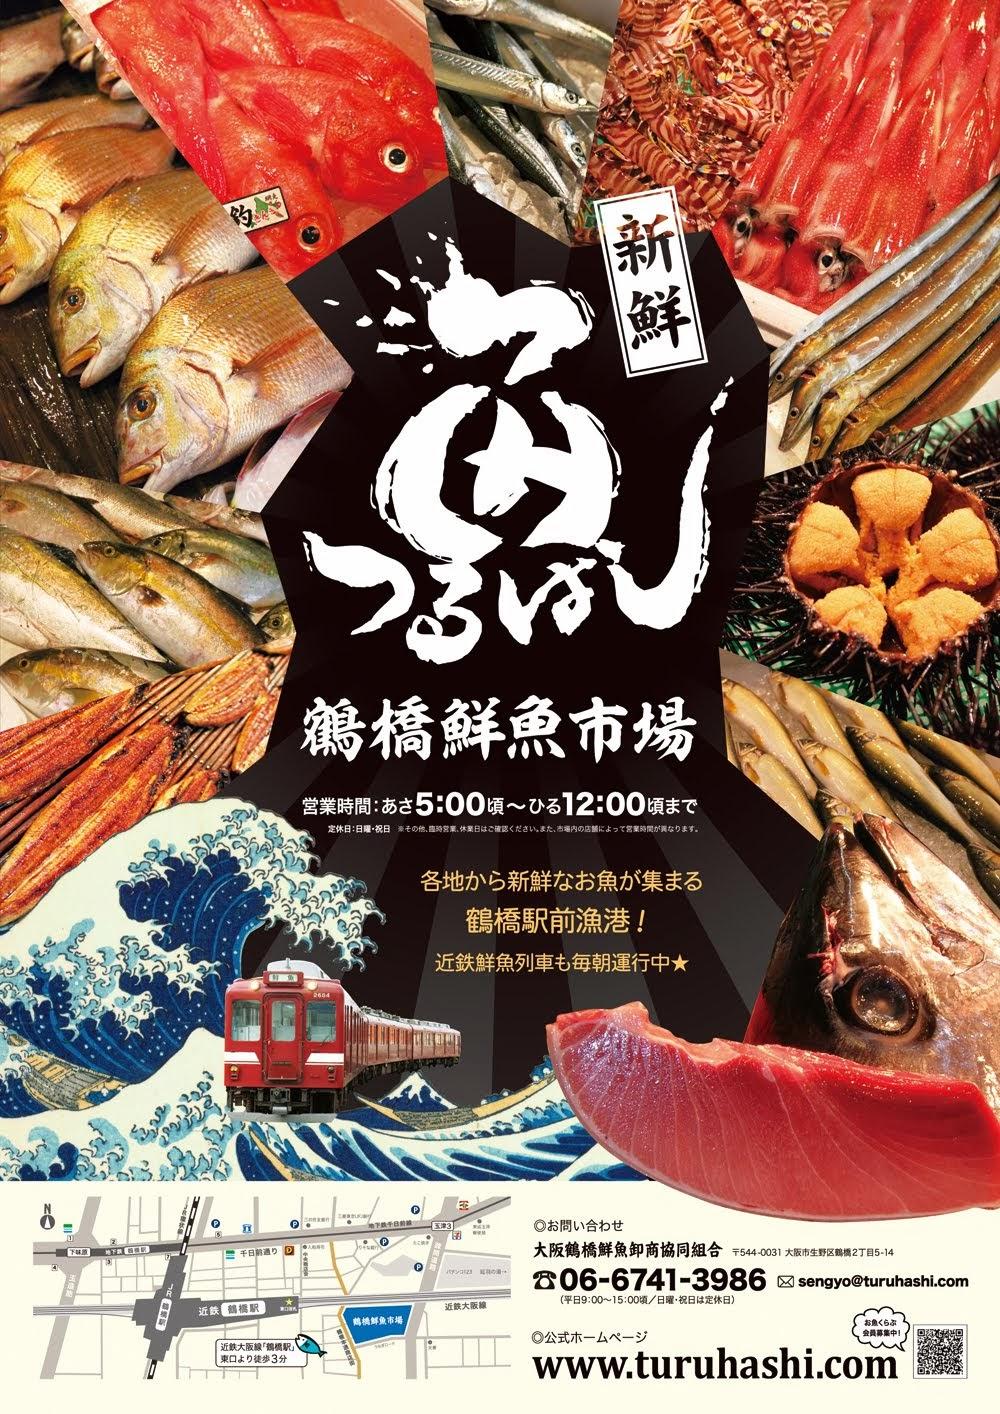 鶴橋鮮魚市場へいらっしゃい!